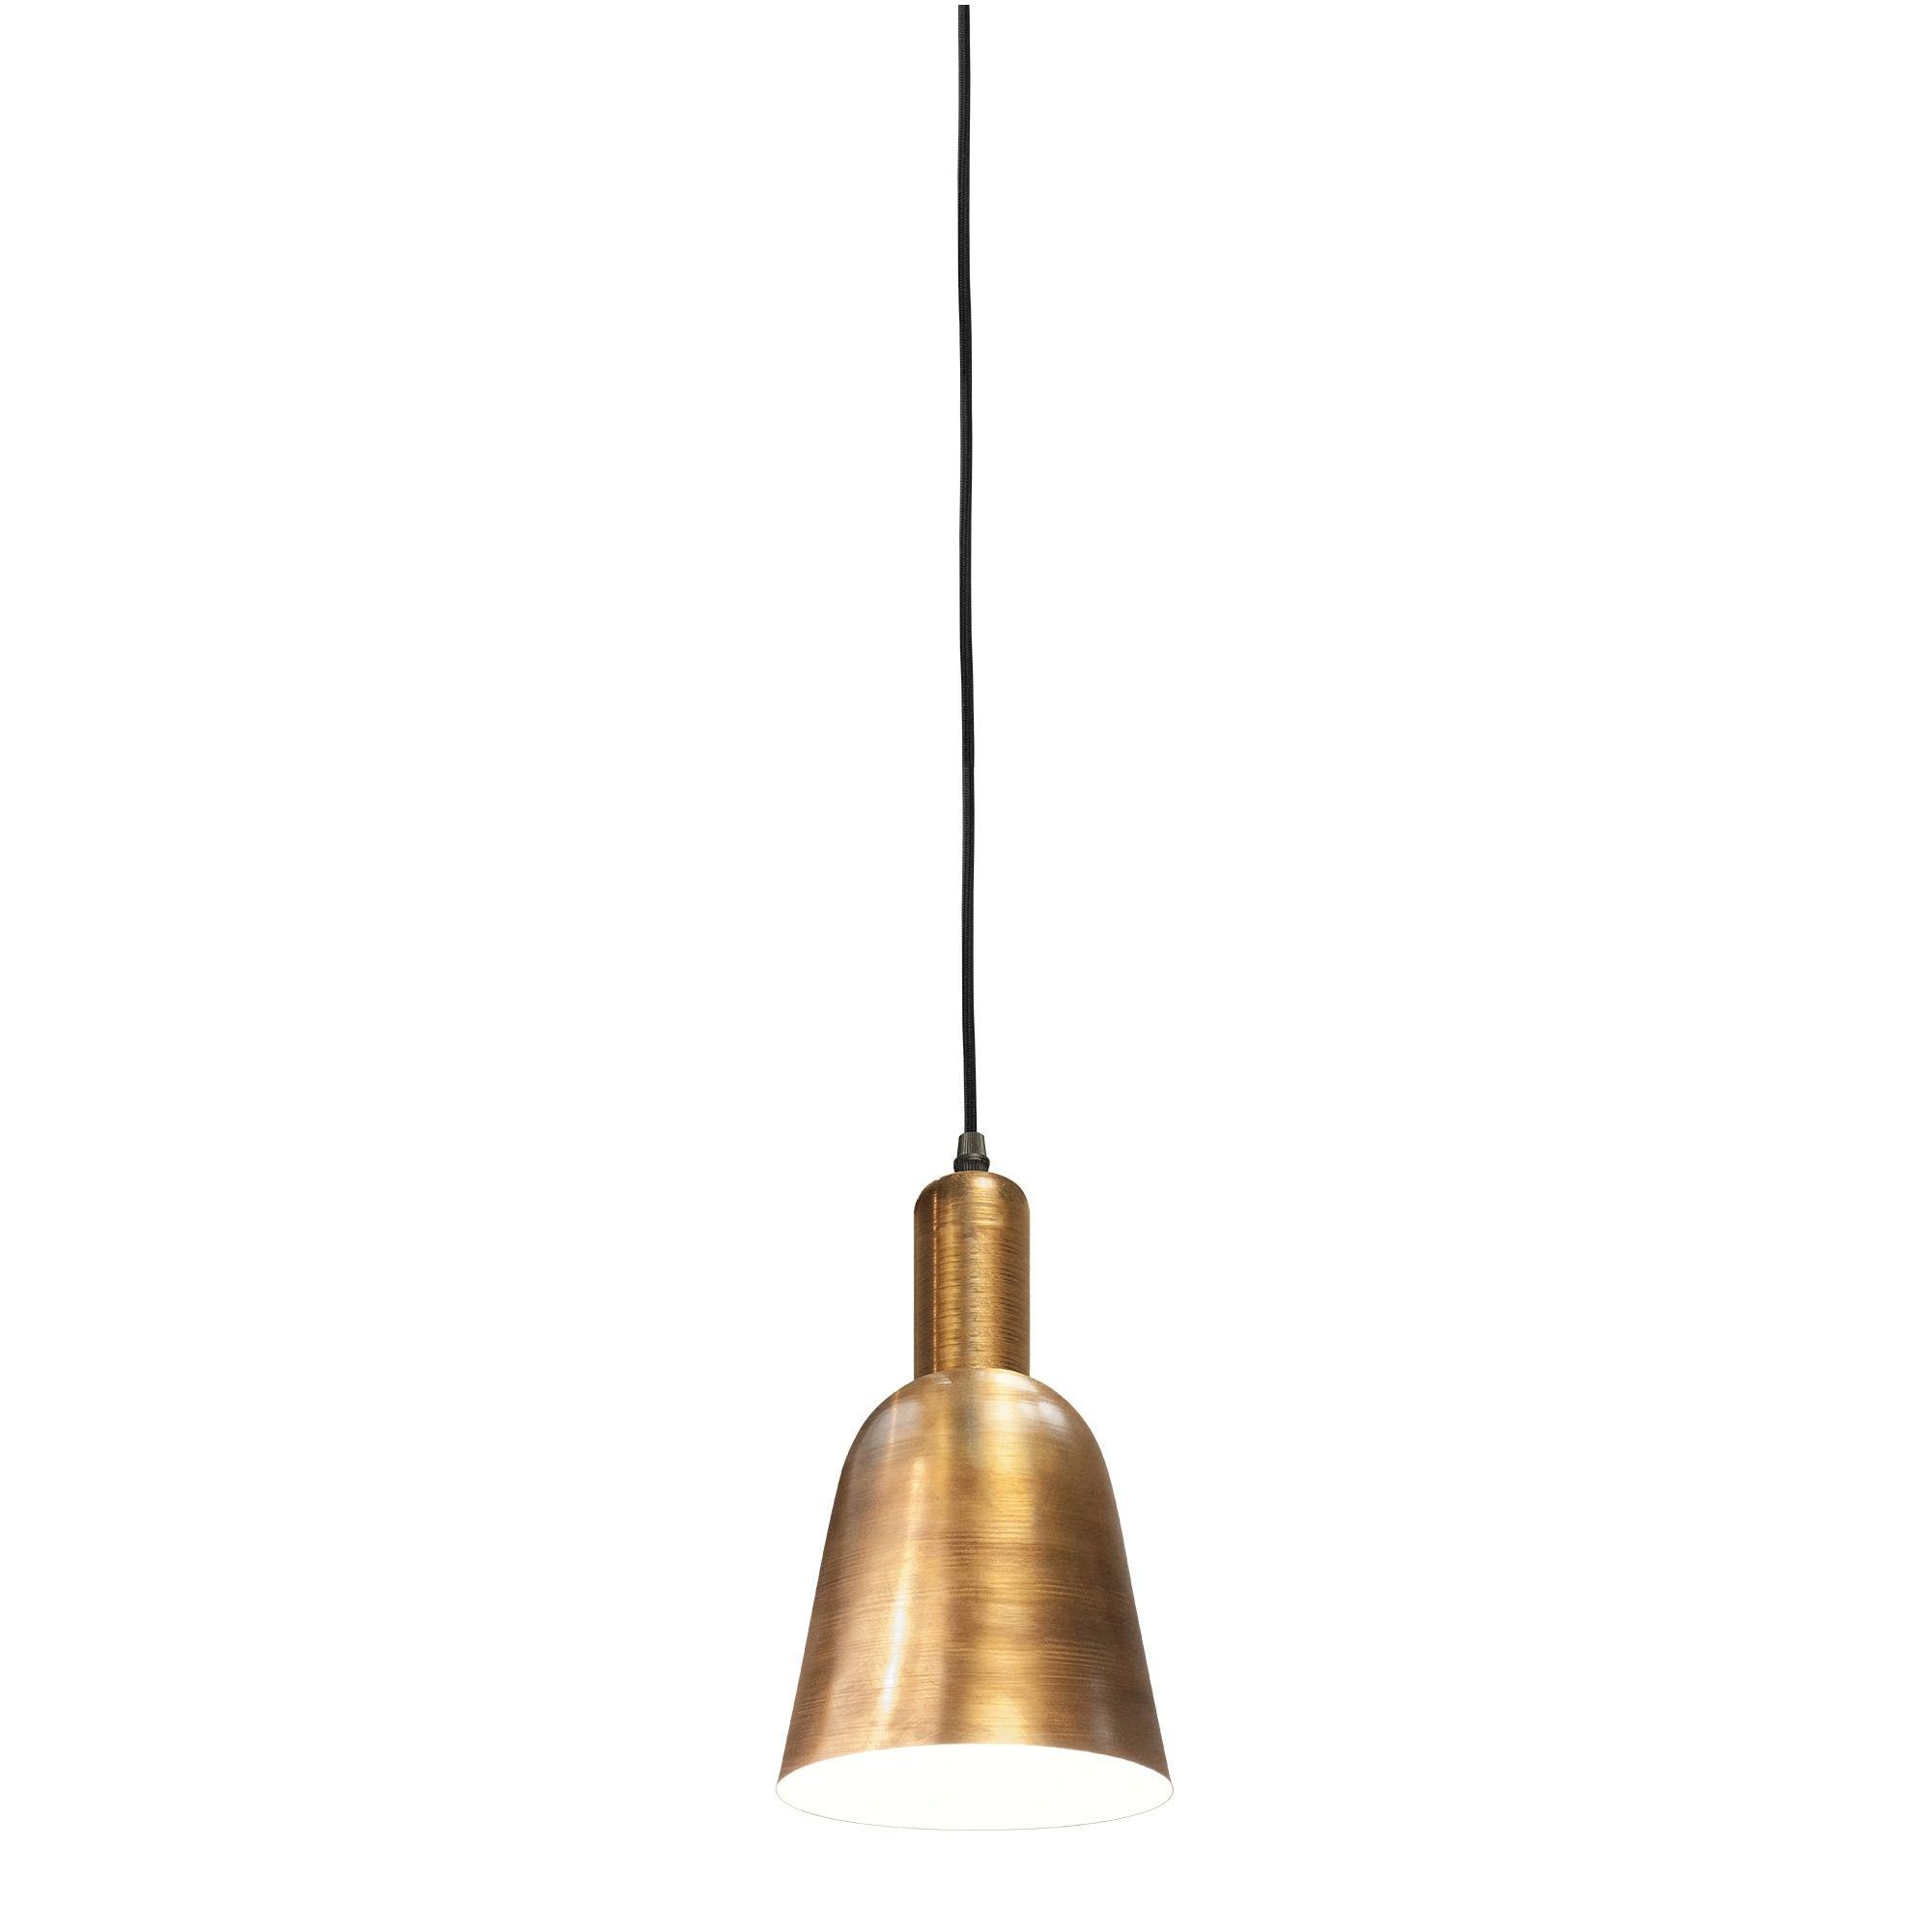 vtwonen hanglamp Glow brons